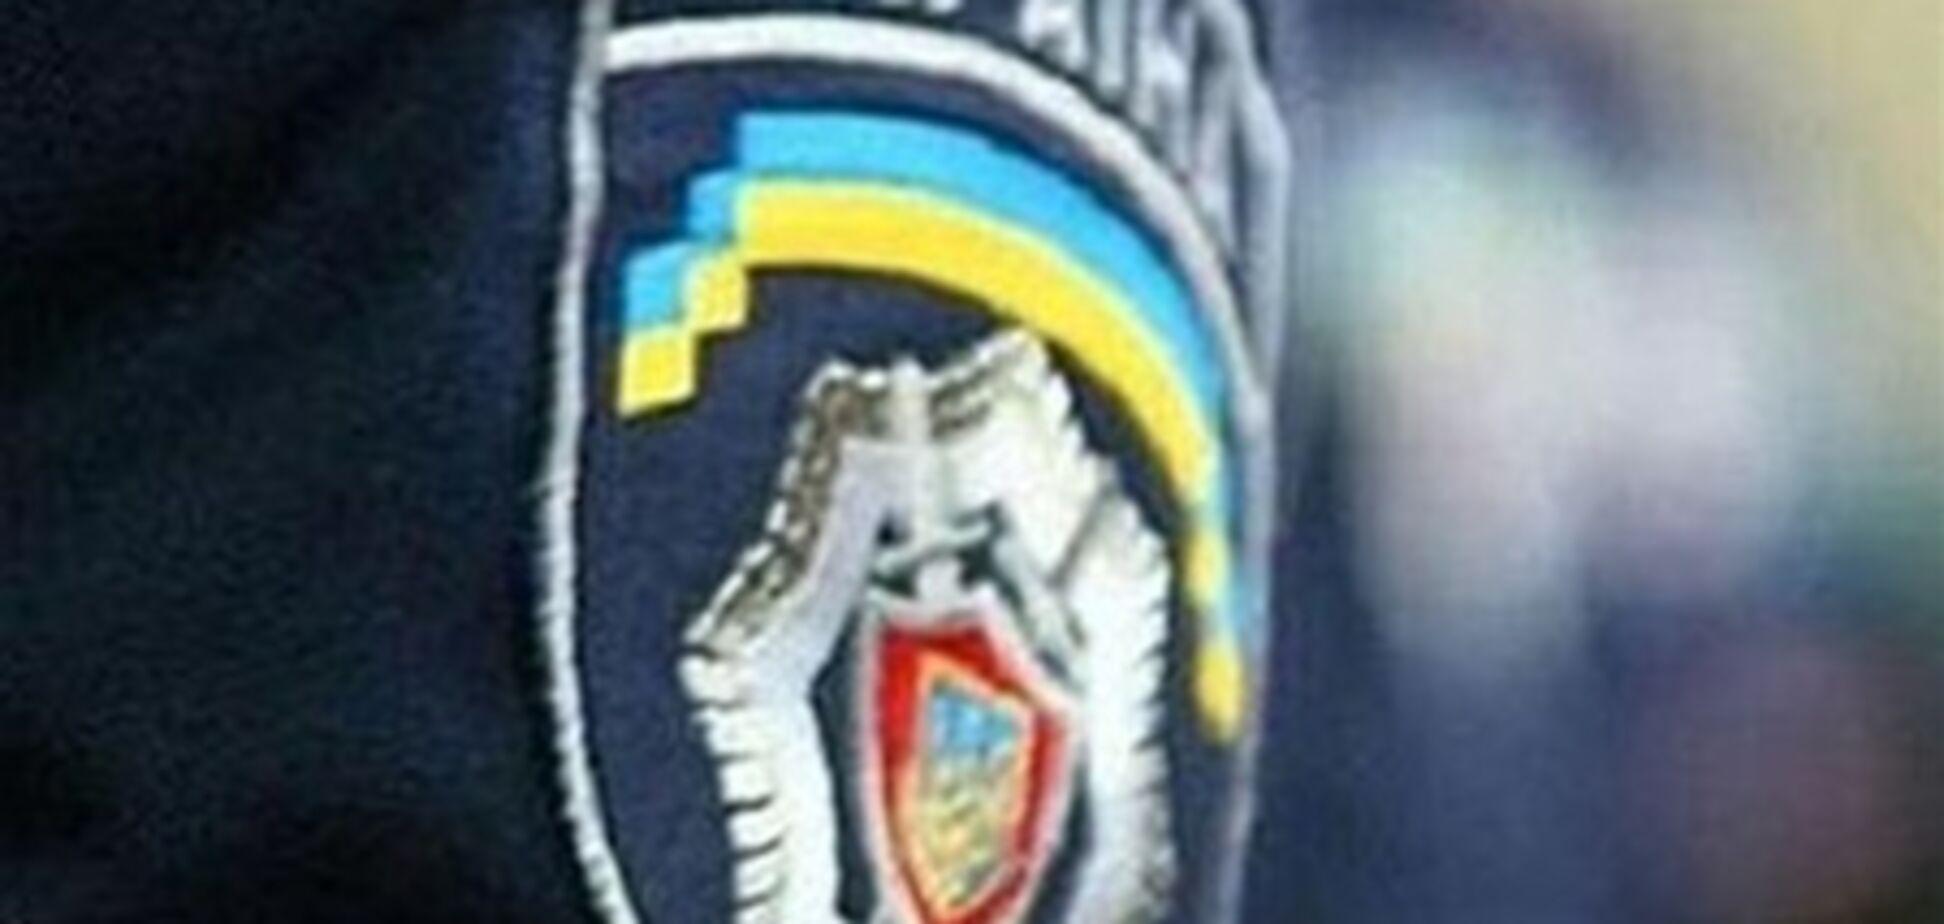 Разбойное нападение на Киевщине: украли более 130 тыс. грн.